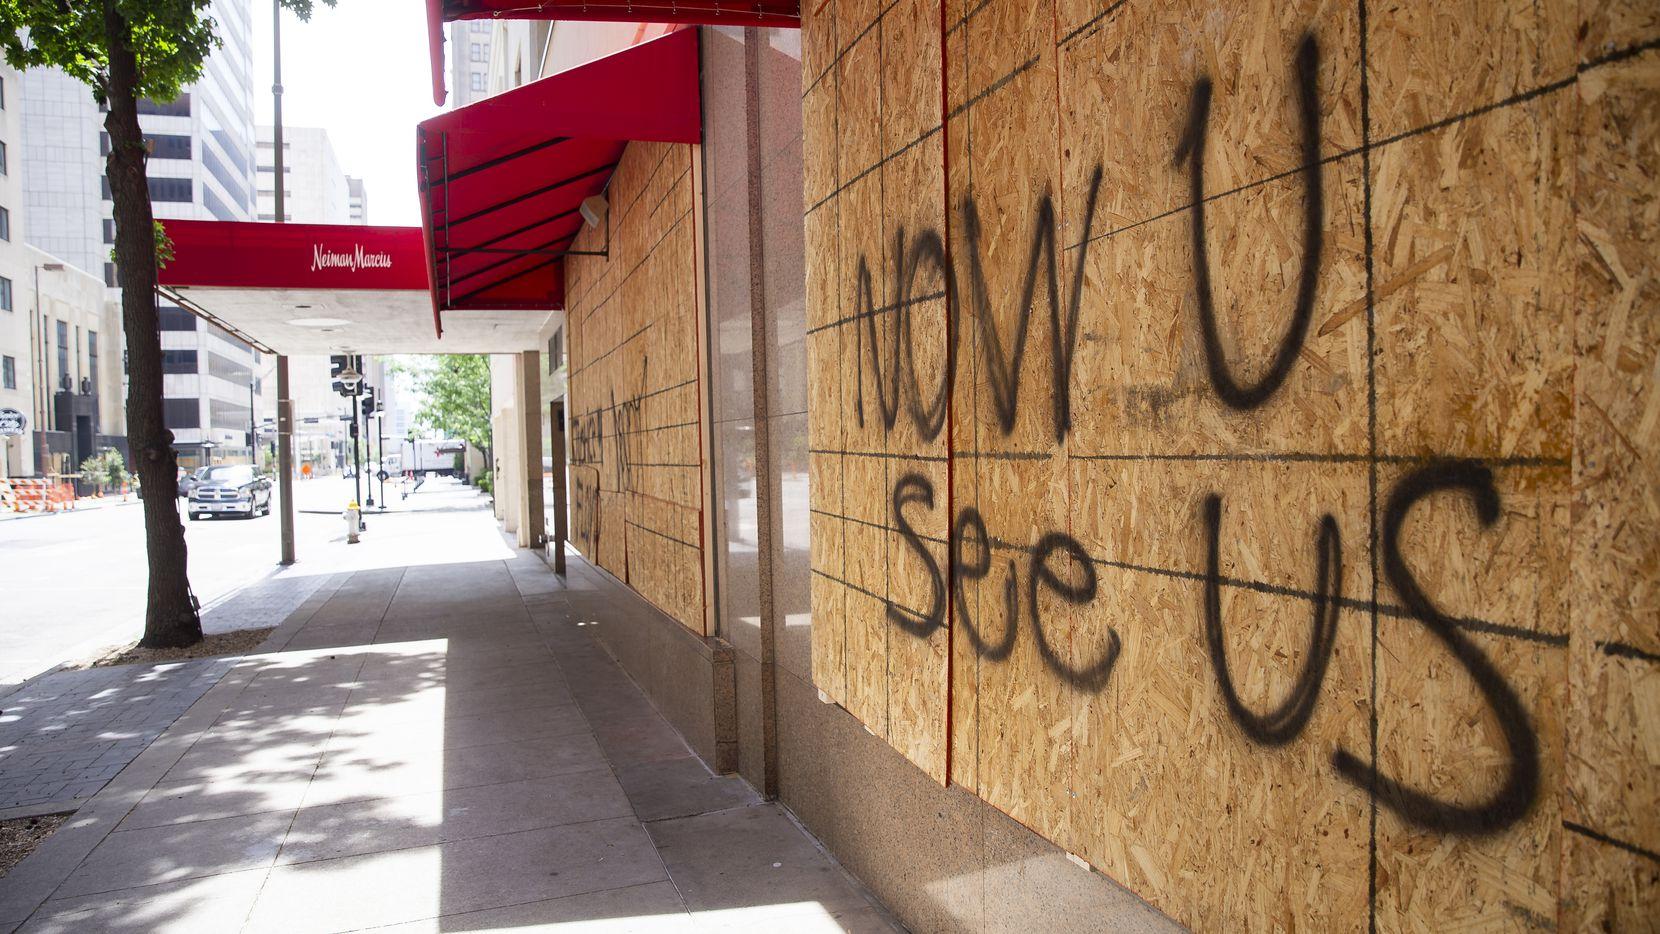 Mensajes fueron escritos con pintura de spray en las ventanas del Neiman Marcus de Dallas el lunes 1 de junio.